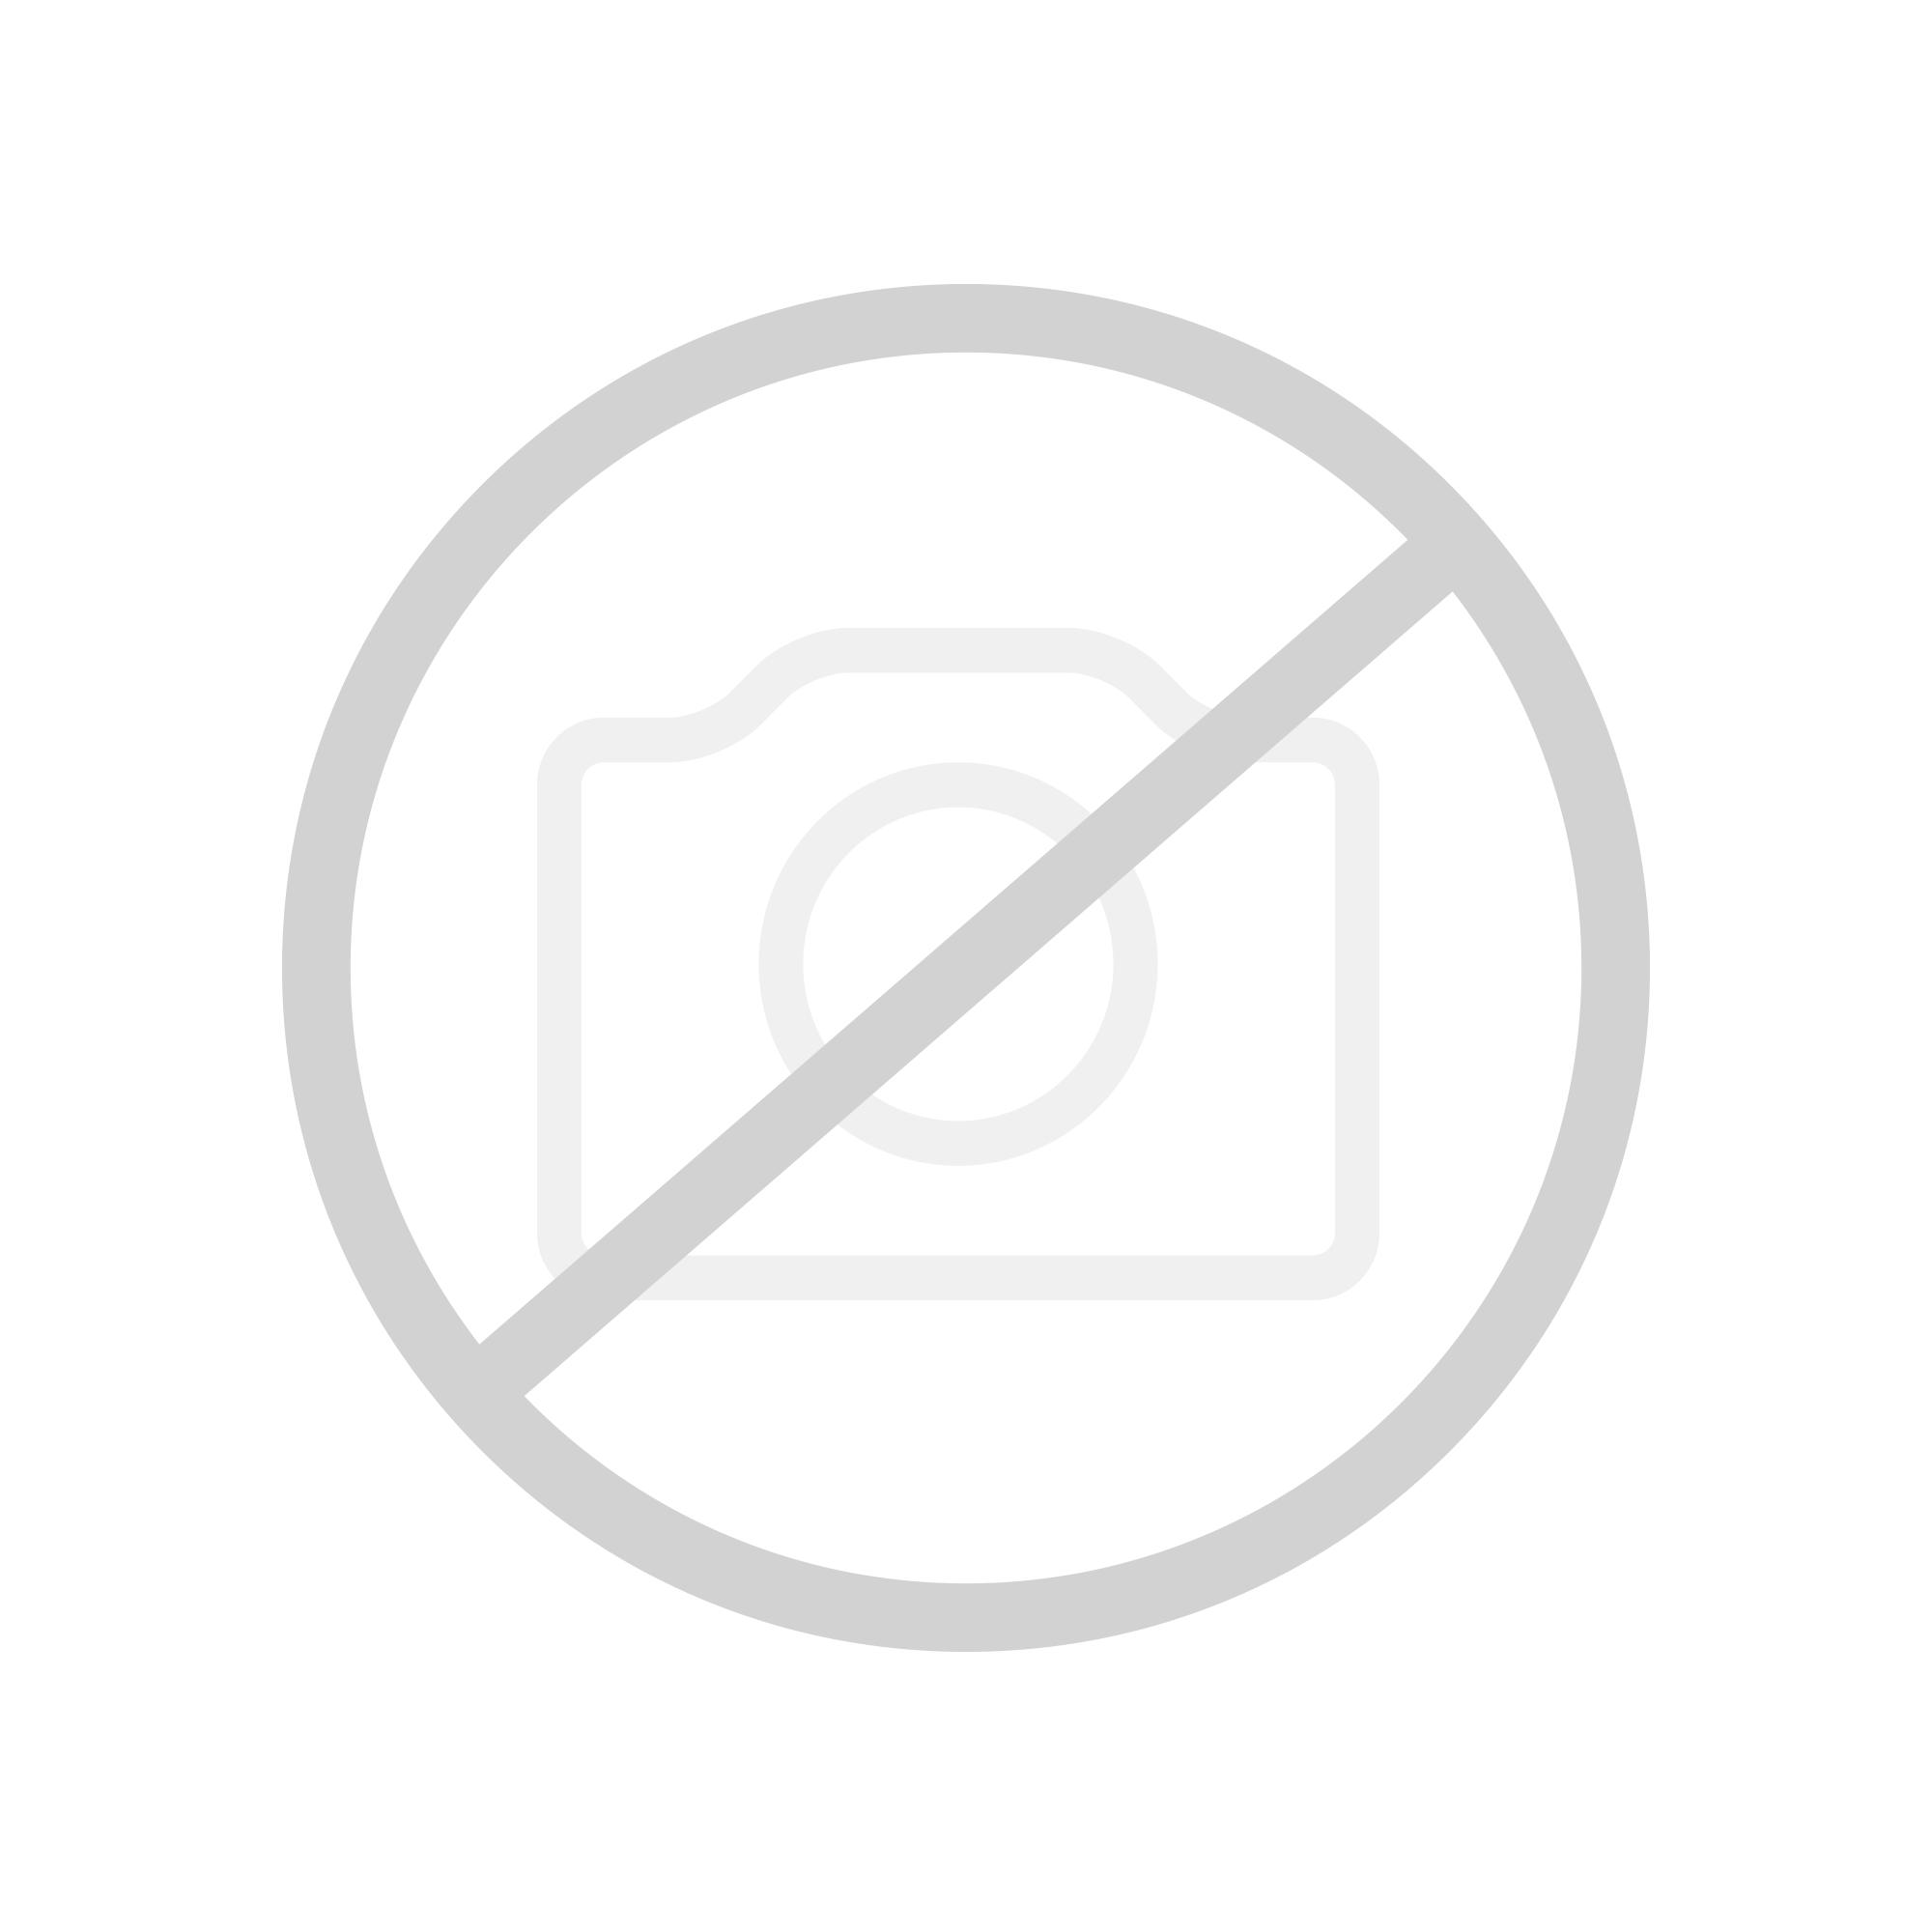 antoniolupi GESTO Aufsatzwaschtisch B: 54 T: 40 cm weiß ohne Hahnloch